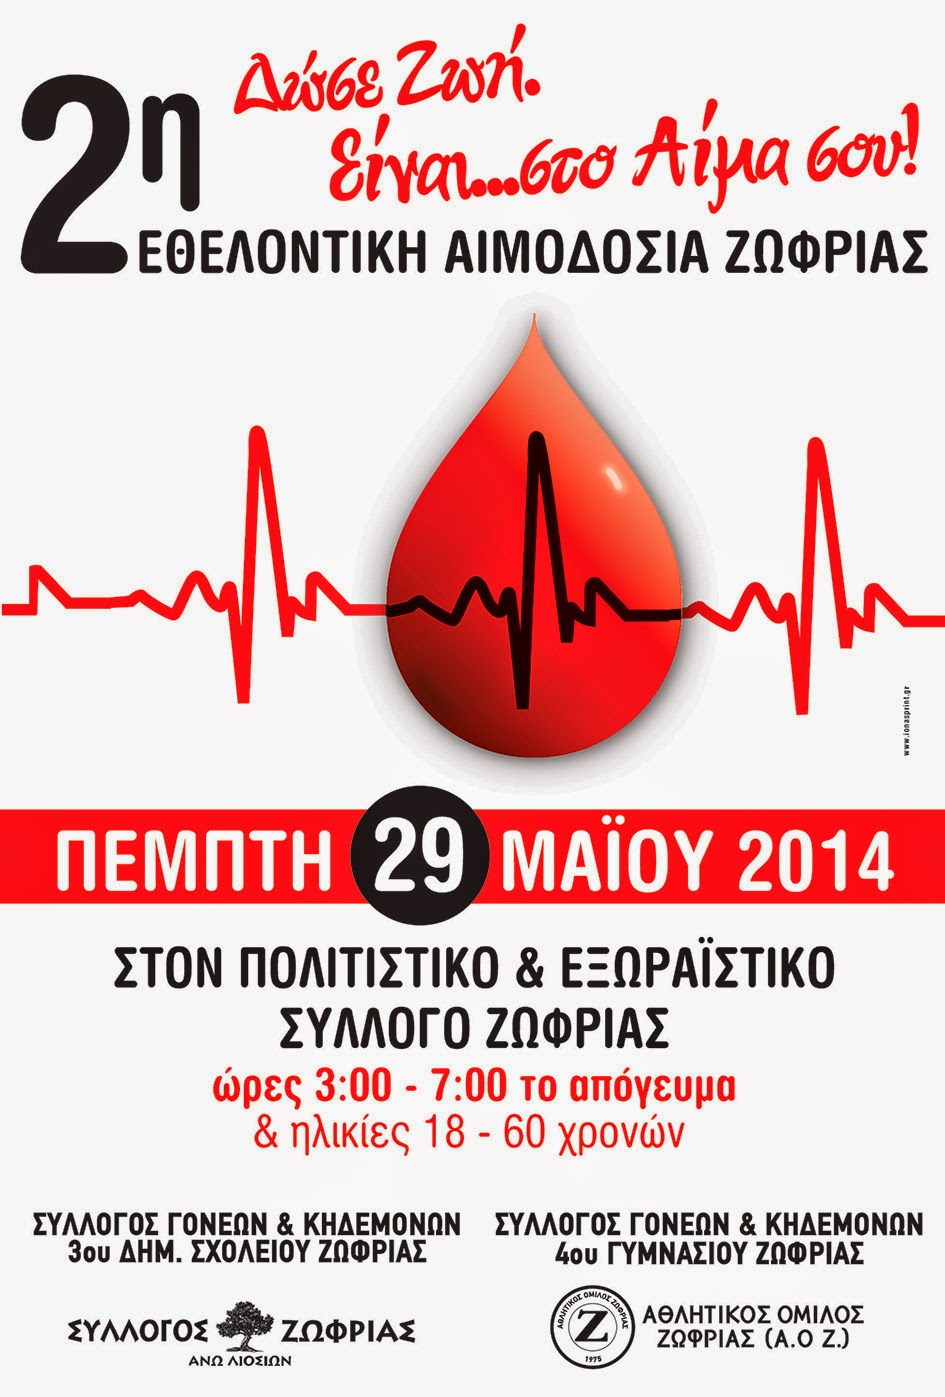 2η εθελοντική αιμοδοσία Ζωφριάς